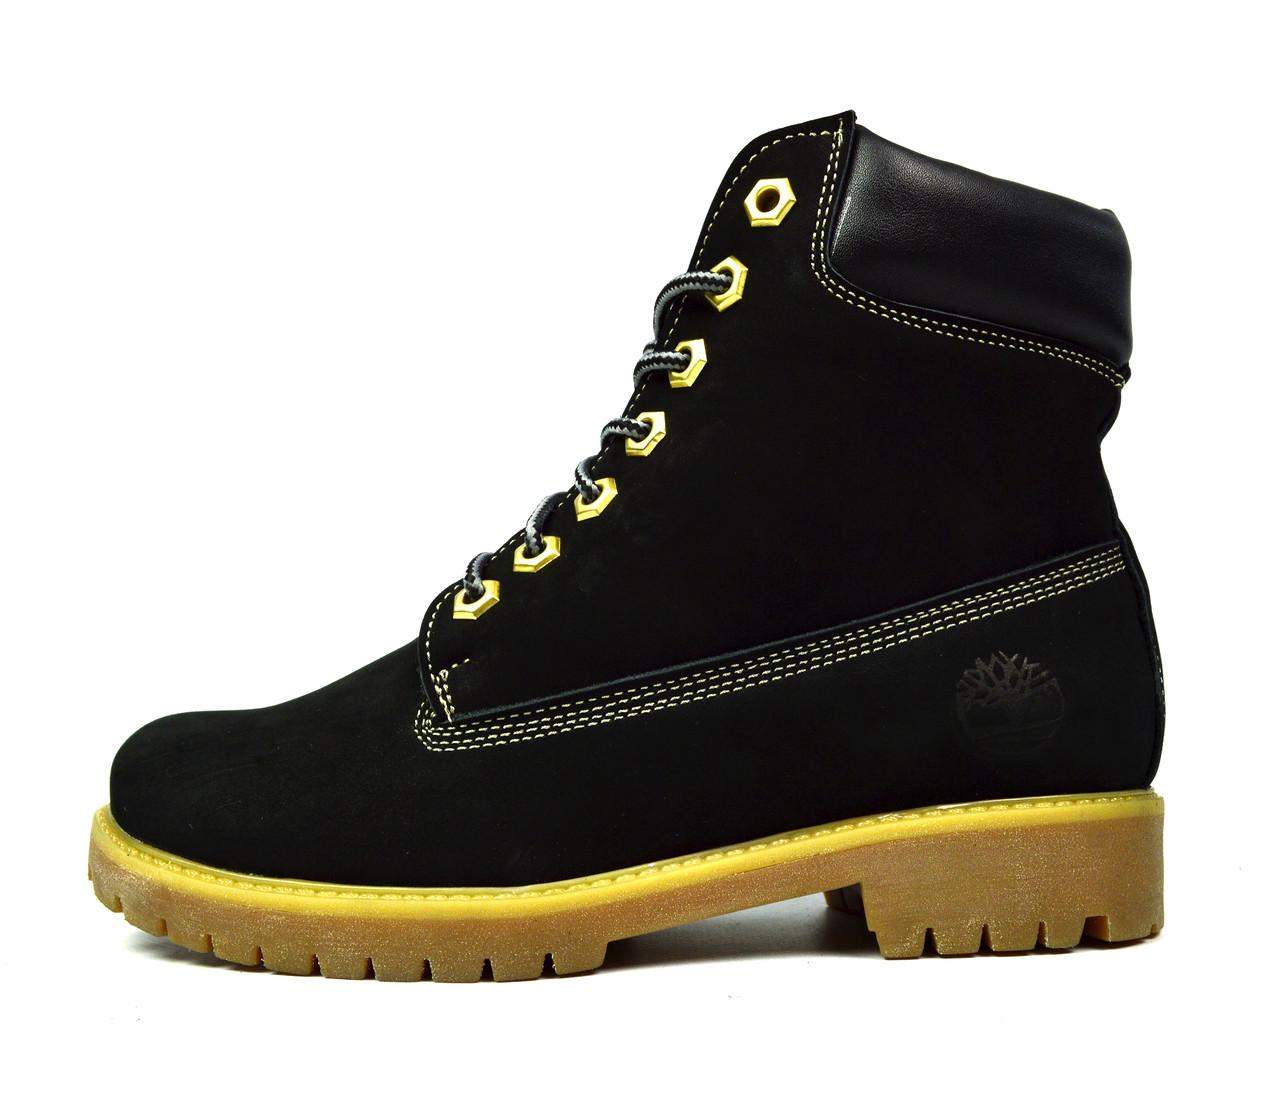 80d30688d7e5 Черные зимние женские кожаные ботинки TIMBERLAND на меху ( шерсть ...